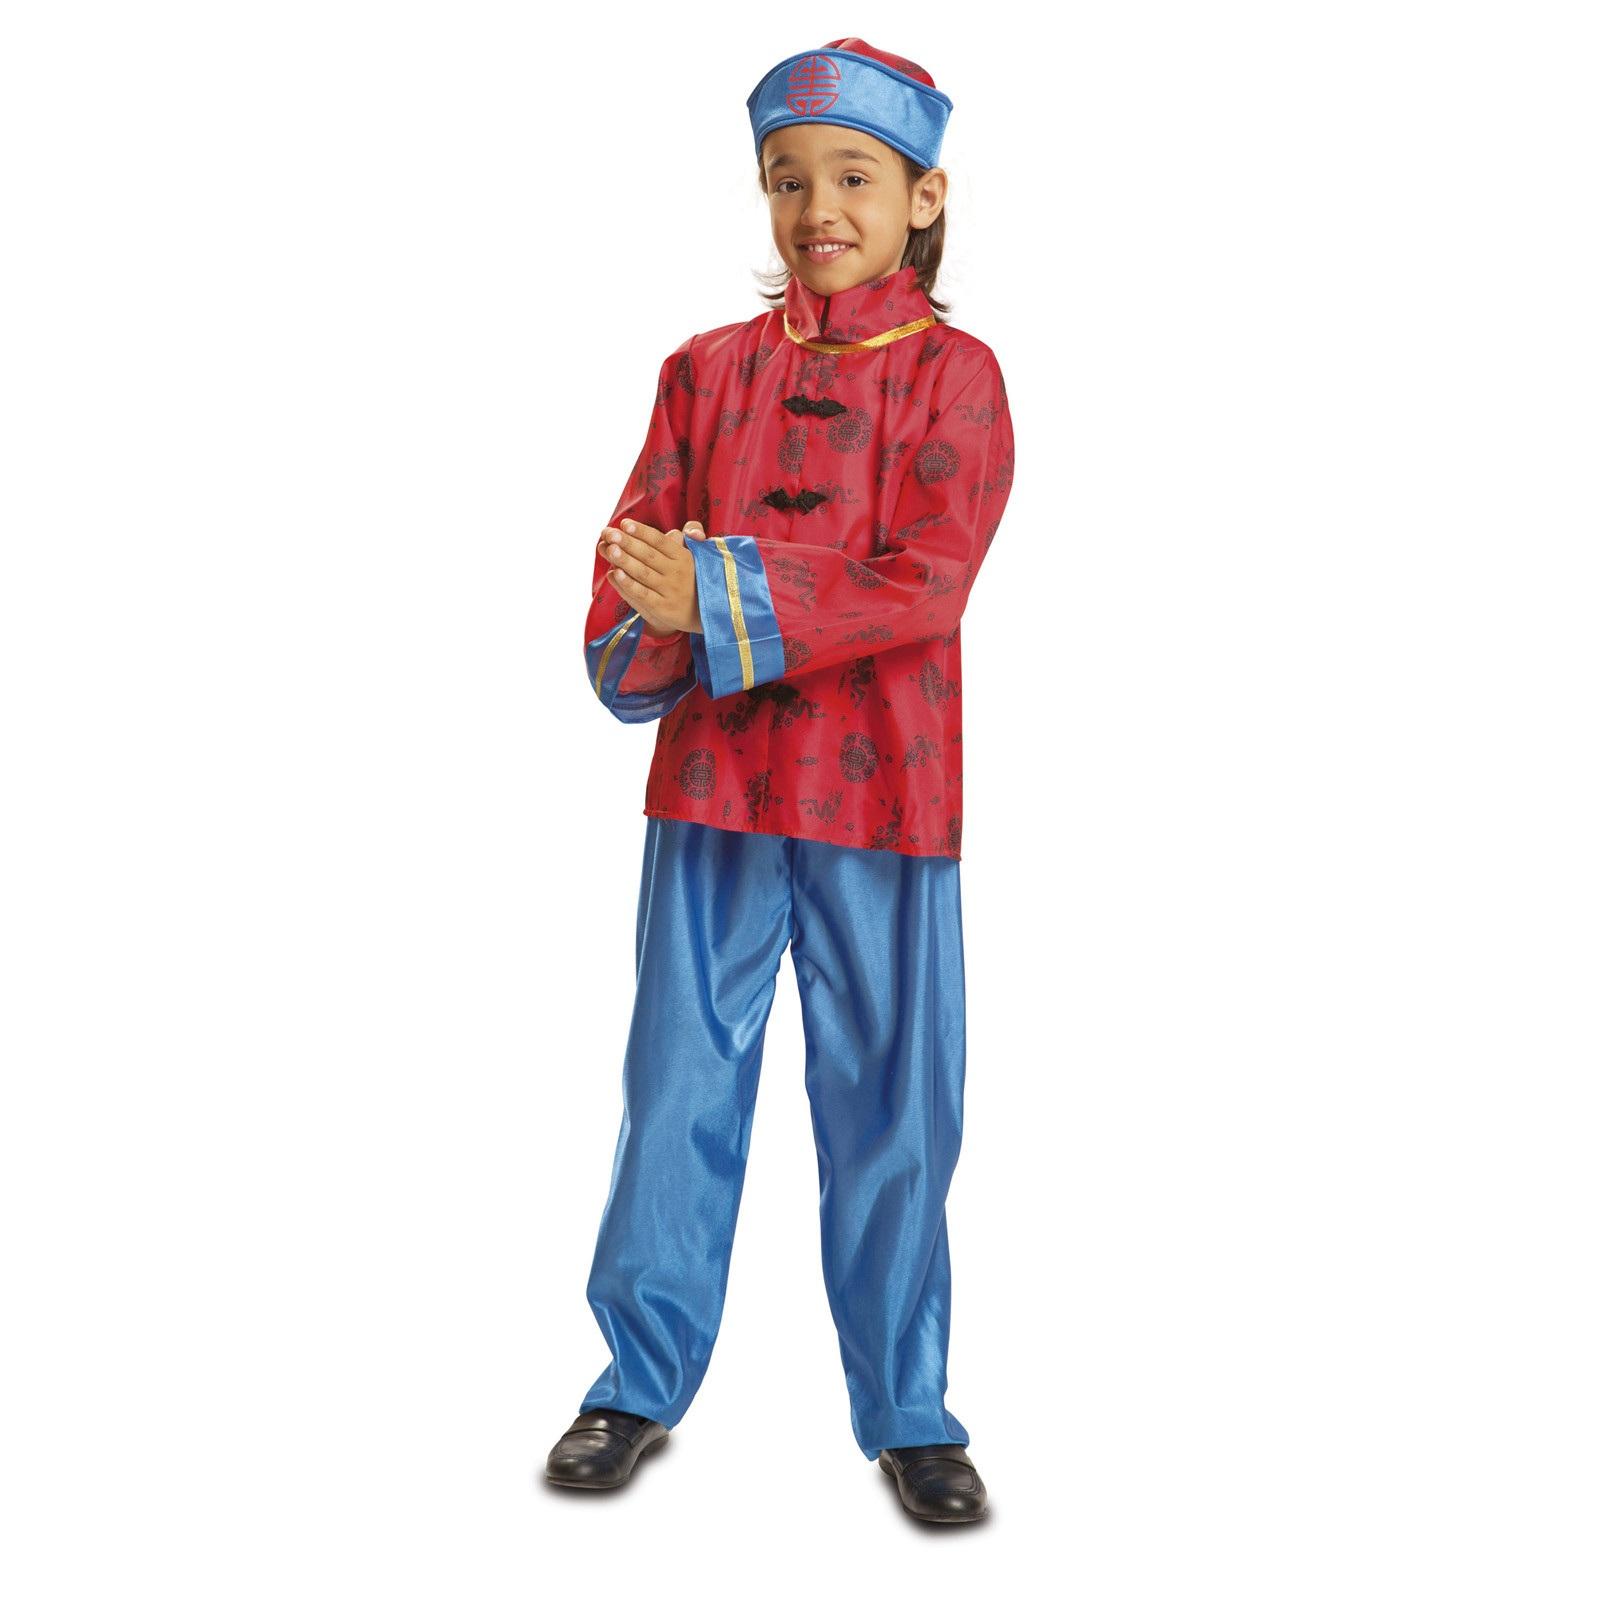 disfraz chino niño 201040mom - DISFRAZ DE CHINO MANDARIN NIÑO